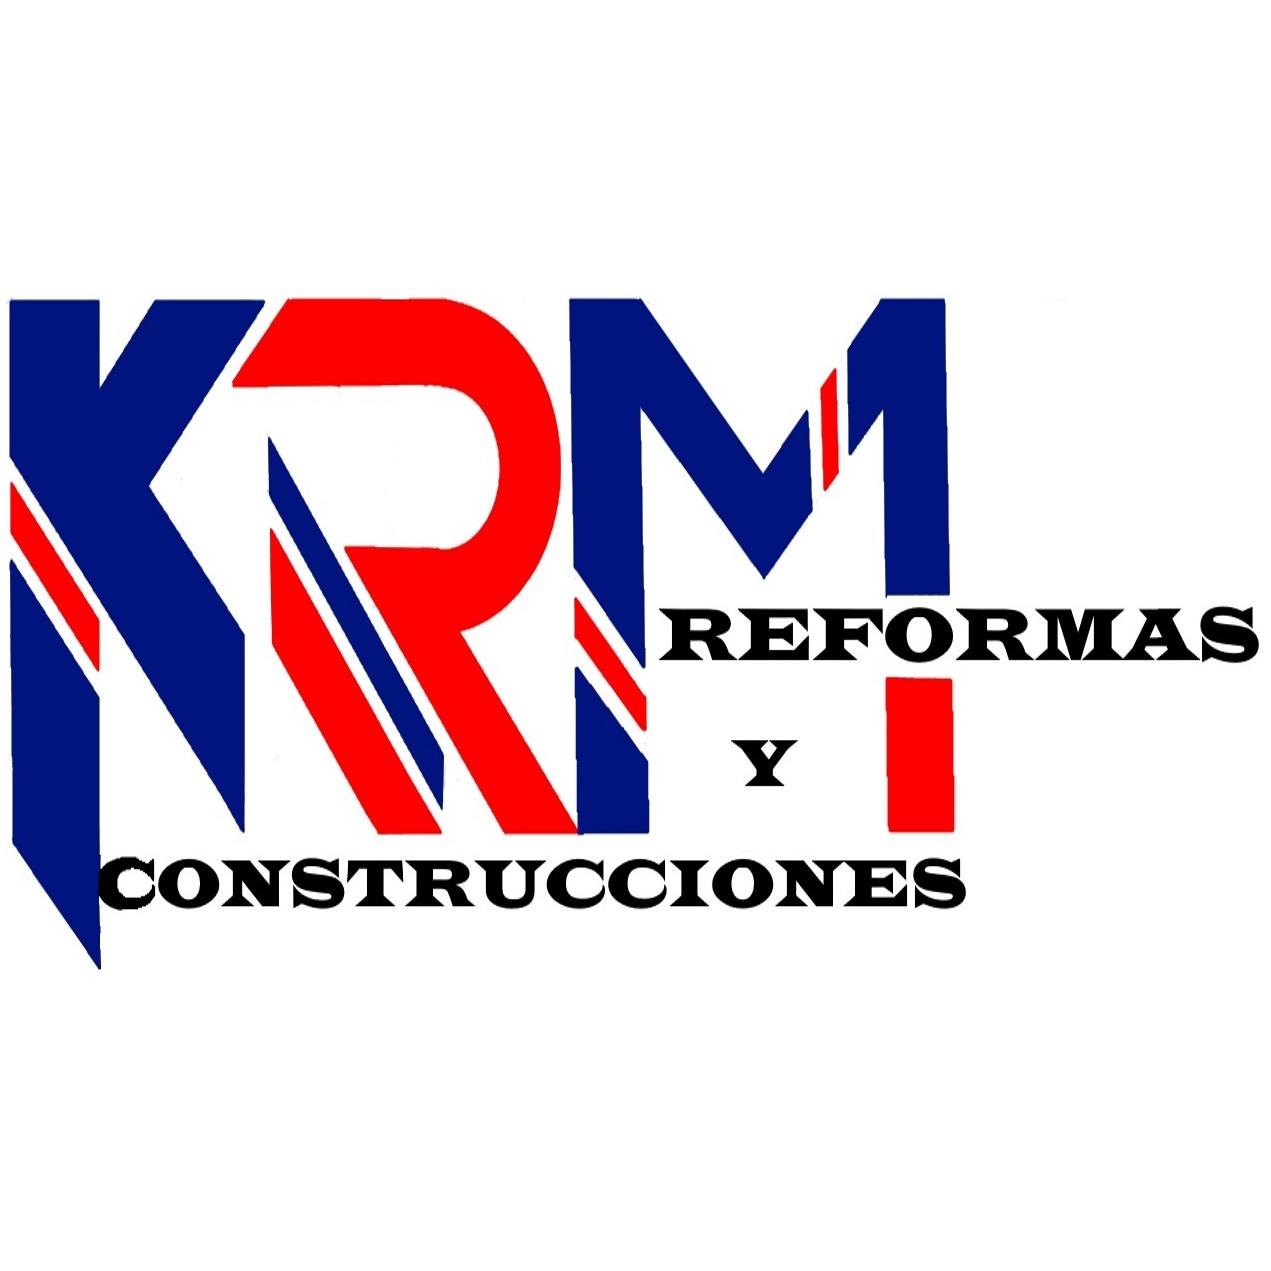 KRM REFORMAS Y CONSTRUCCIONES